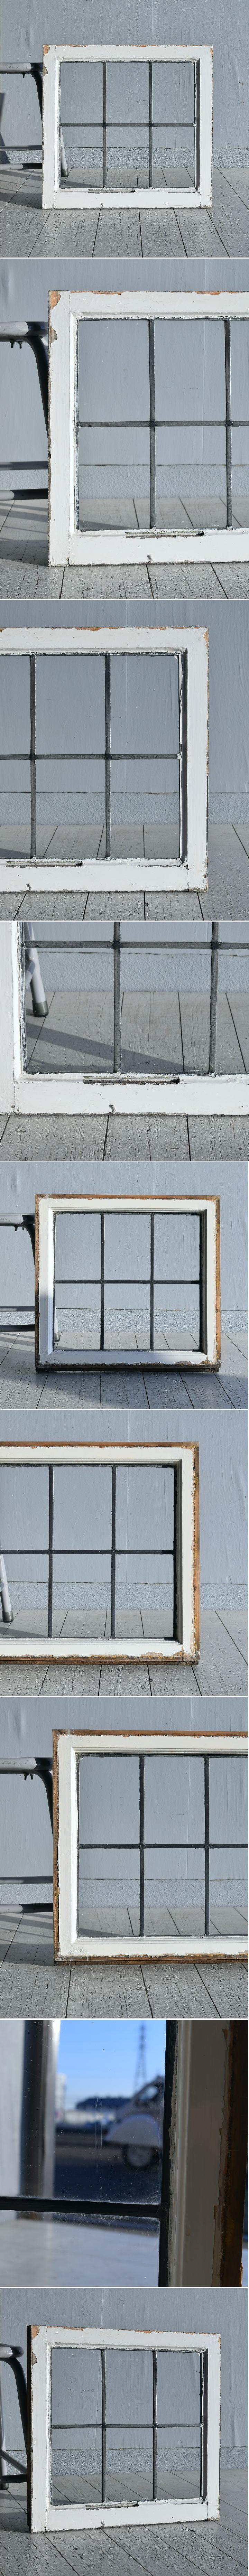 イギリス アンティーク 窓 無色透明 7774B